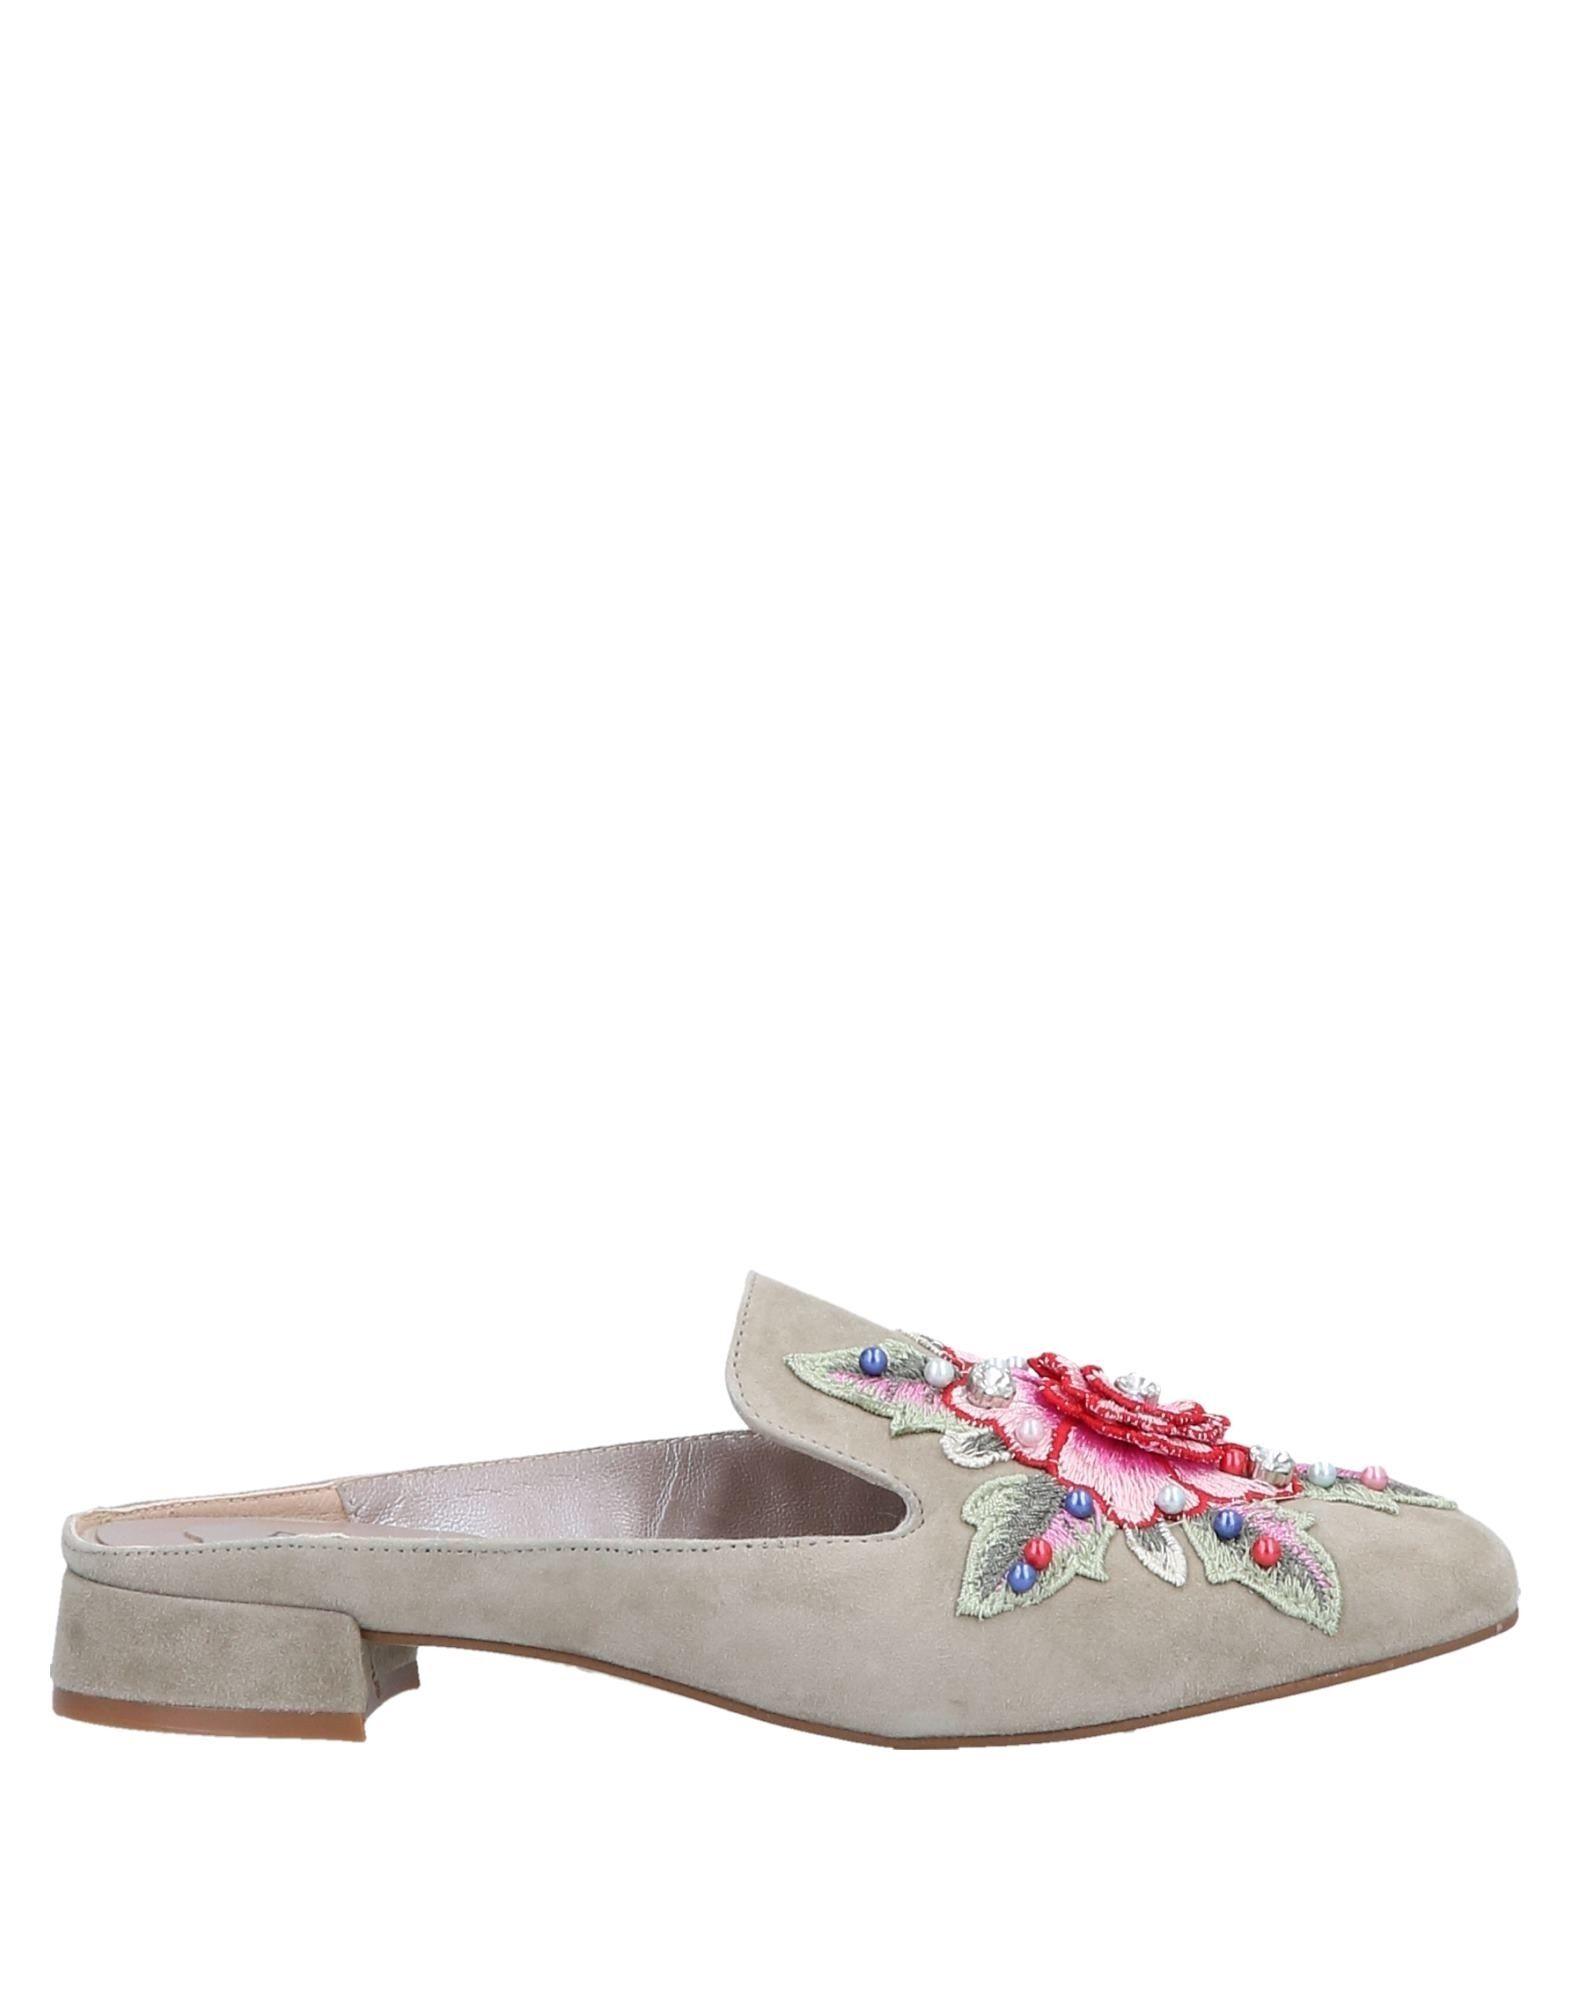 Marian Pantoletten Damen beliebte  11563149OM Gute Qualität beliebte Damen Schuhe 2973ee